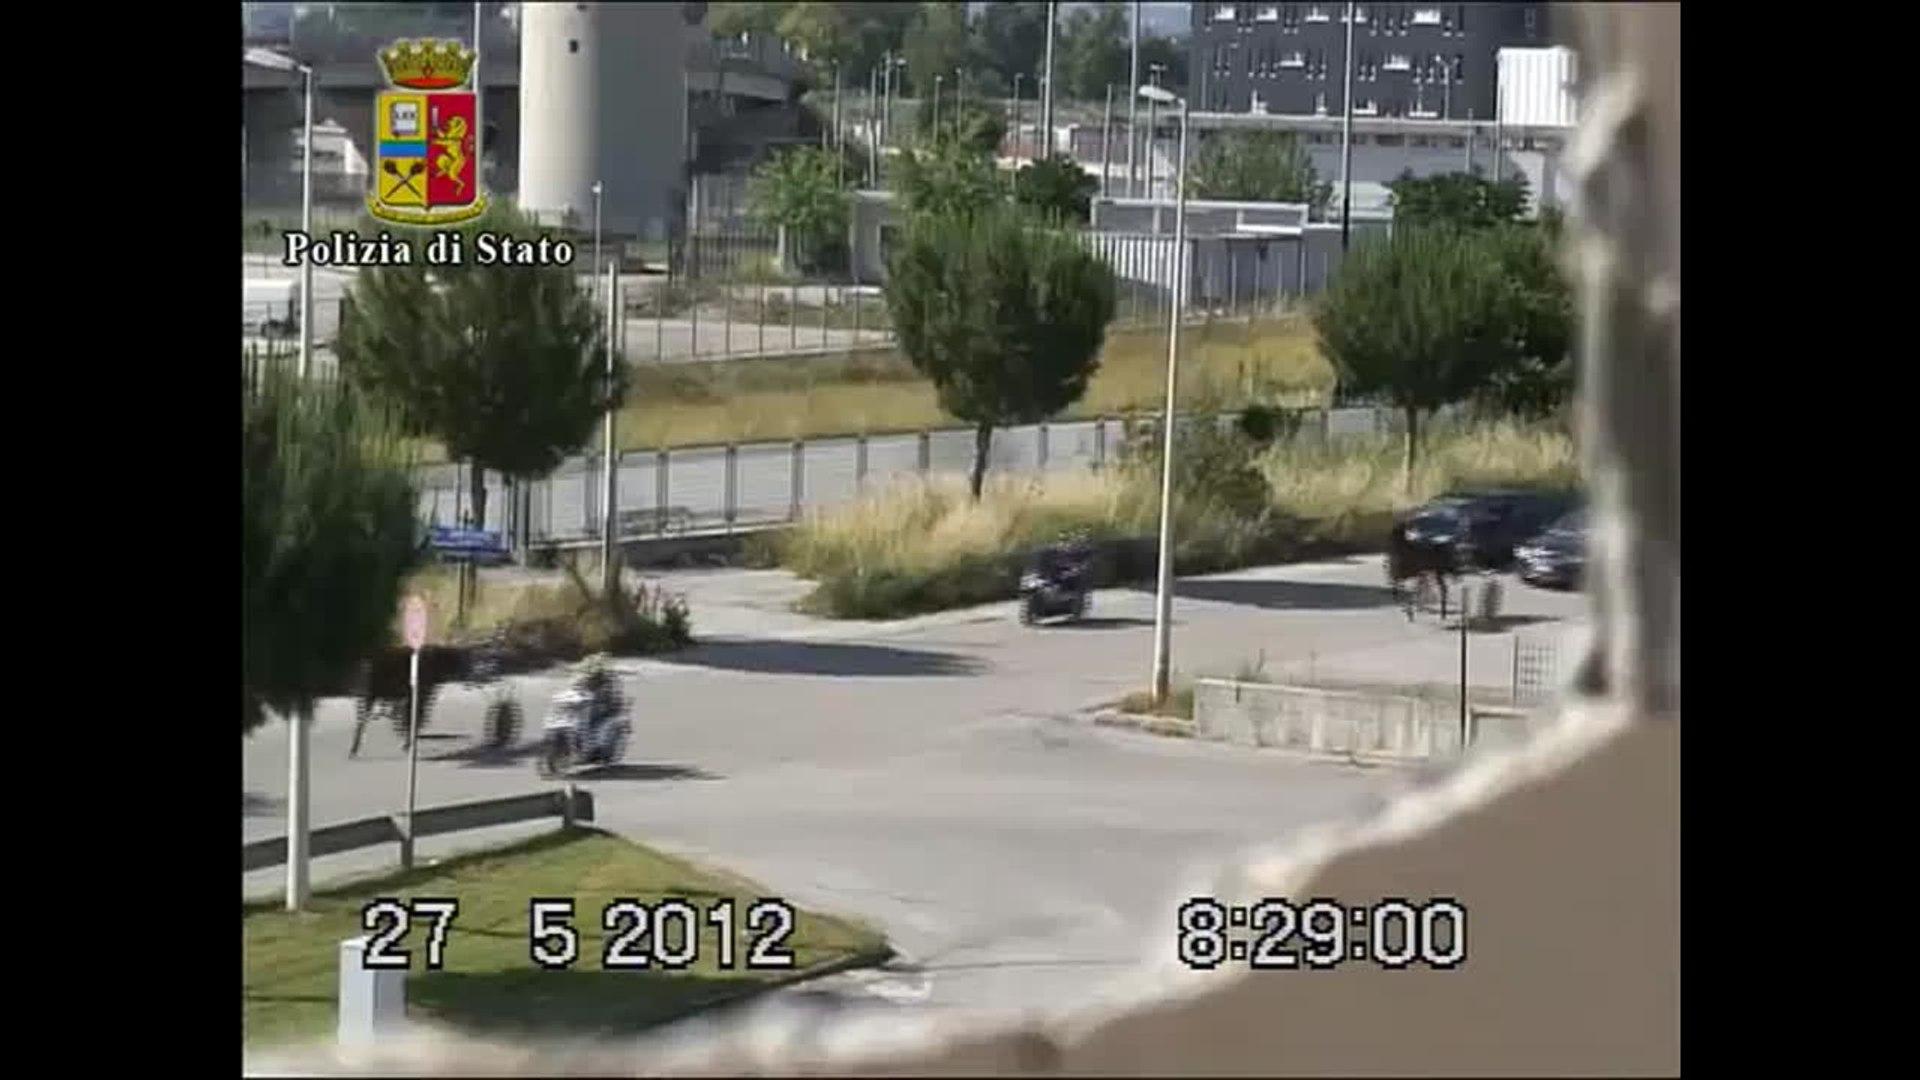 Cara de pau! Na Itália, Máfia faz corrida de cavalos nas ruas!